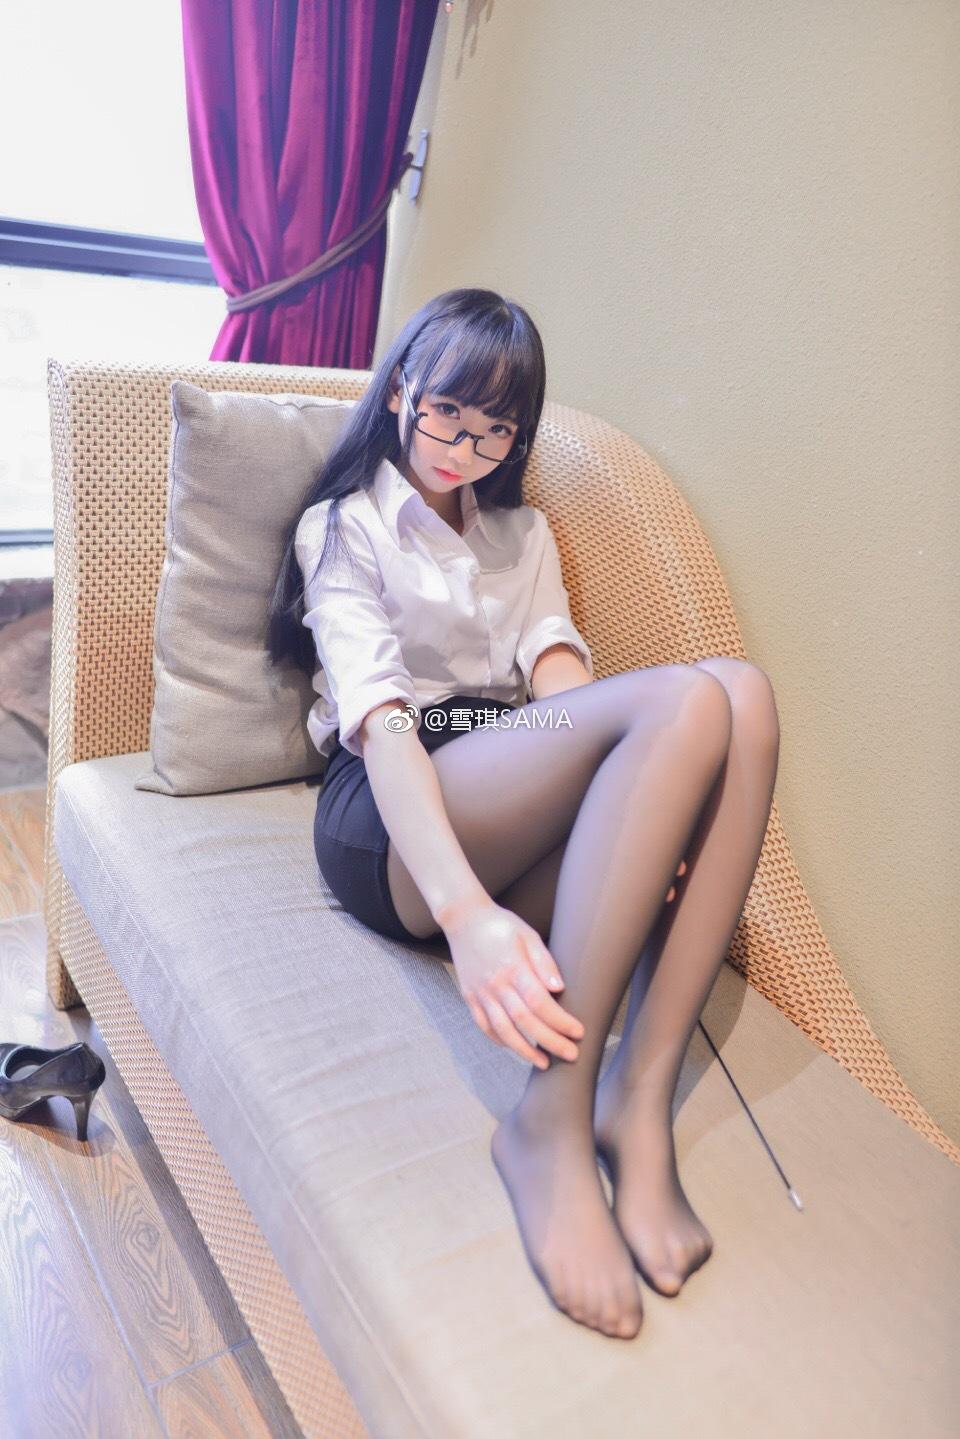 【萌妹子网福利图片】雪琪大魔王的丝袜美腿(9P)